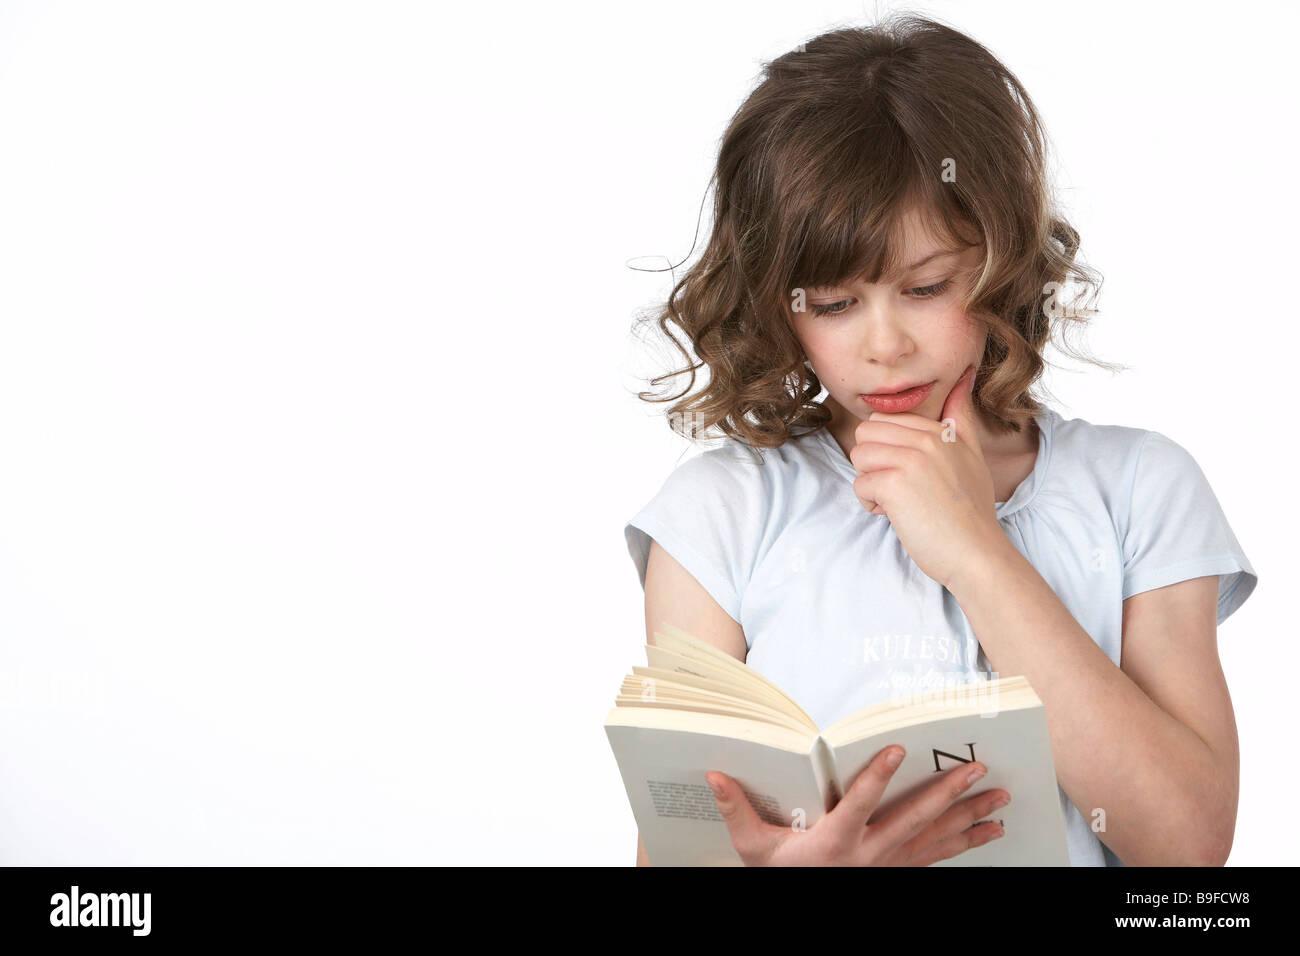 Niña leyendo un libro Imagen De Stock